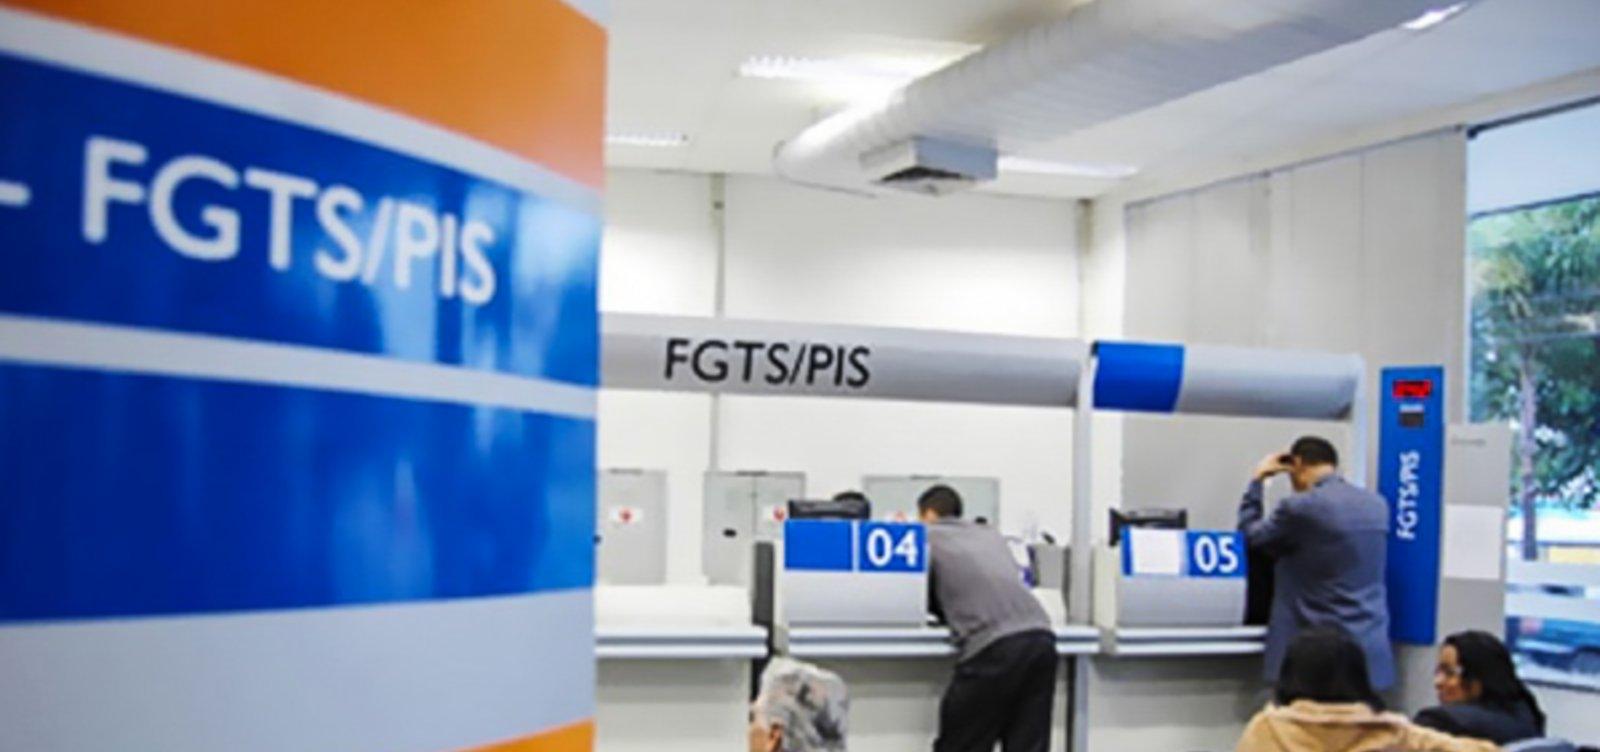 Comissão aprova aumento de saque do FGTS para R$ 998